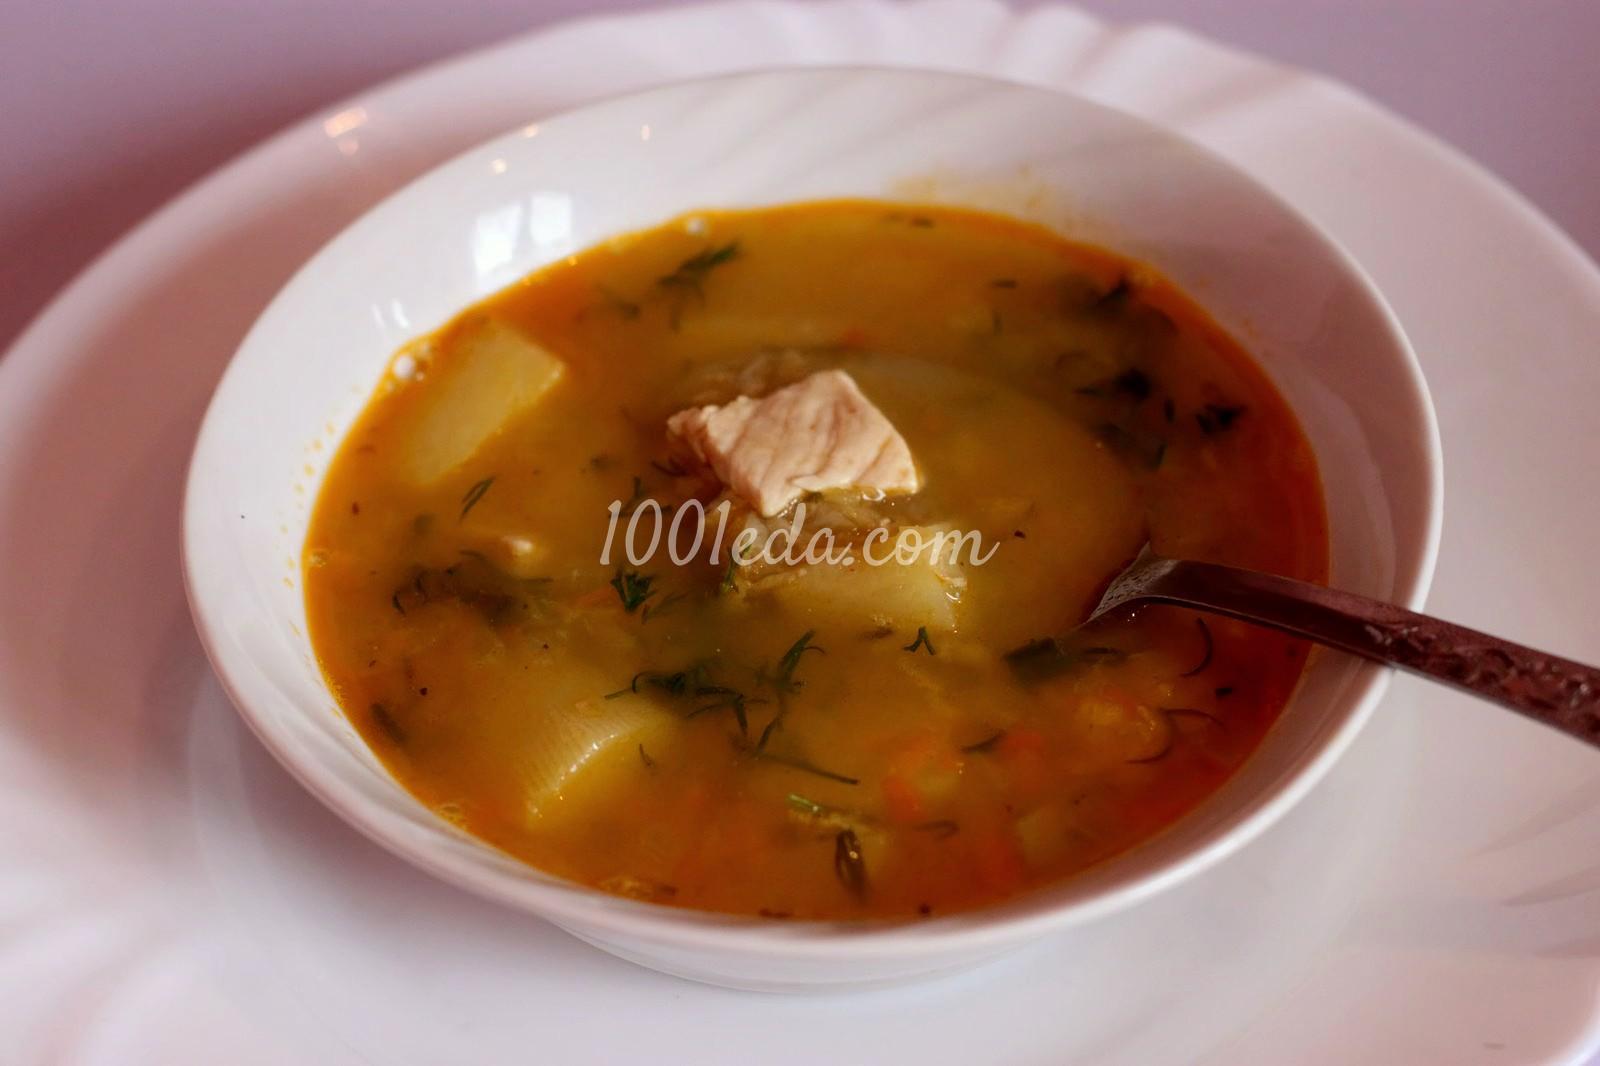 овощной суп из чечевицы рецепт с фото пошагово